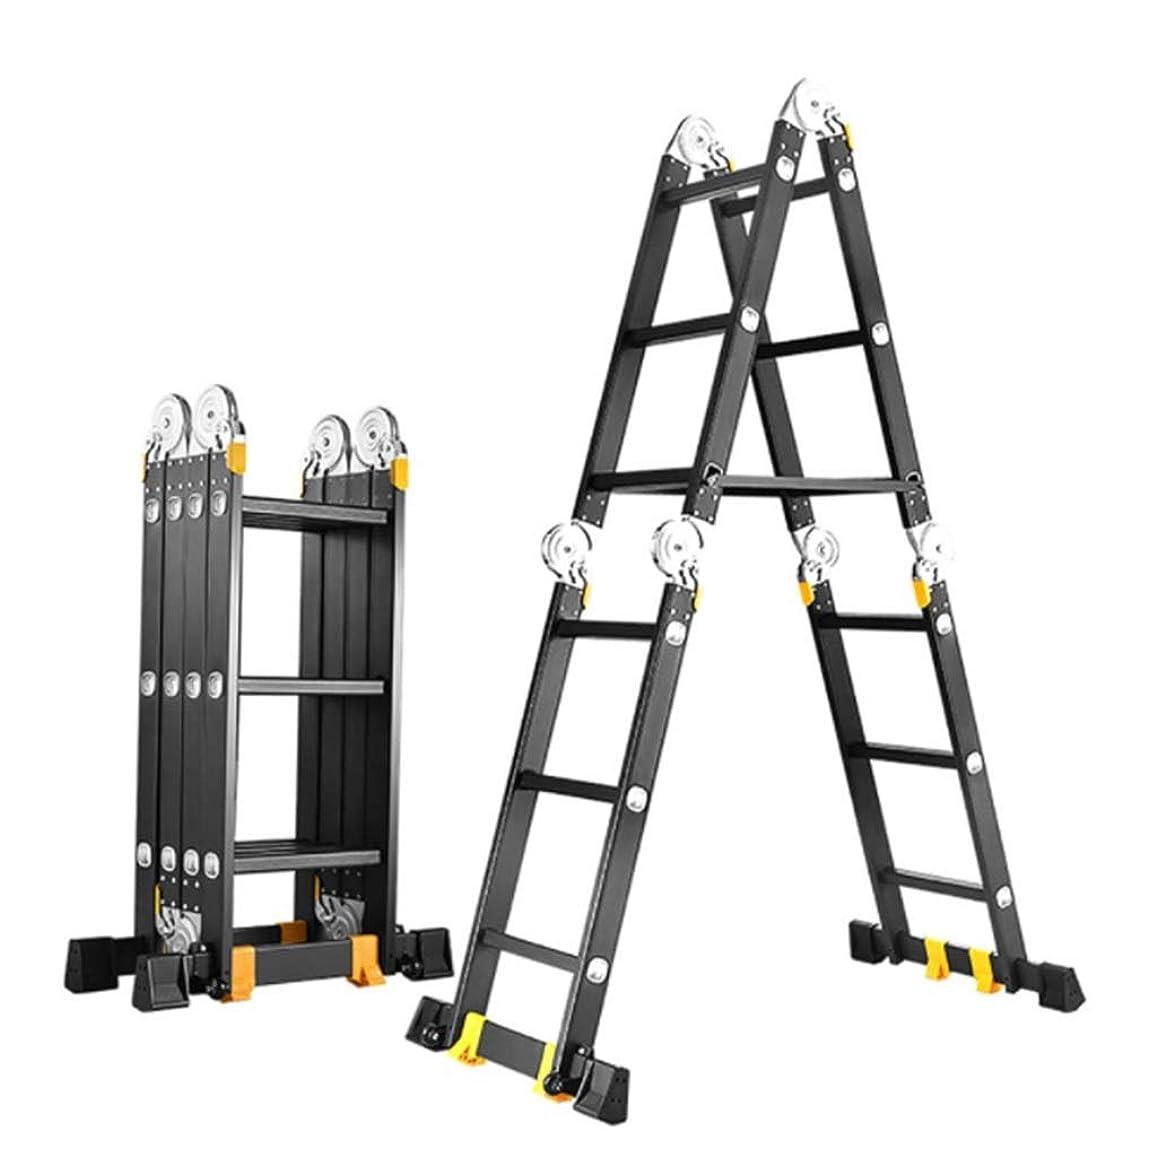 囚人電極ダイヤルXEWNEG 折りたたみ梯子、多機能アルミ梯子、プーリーとバランスバー付きのポータブルエンジニアリング梯子、 (Size : Straight 5.8M= Herringbone 2.8M)